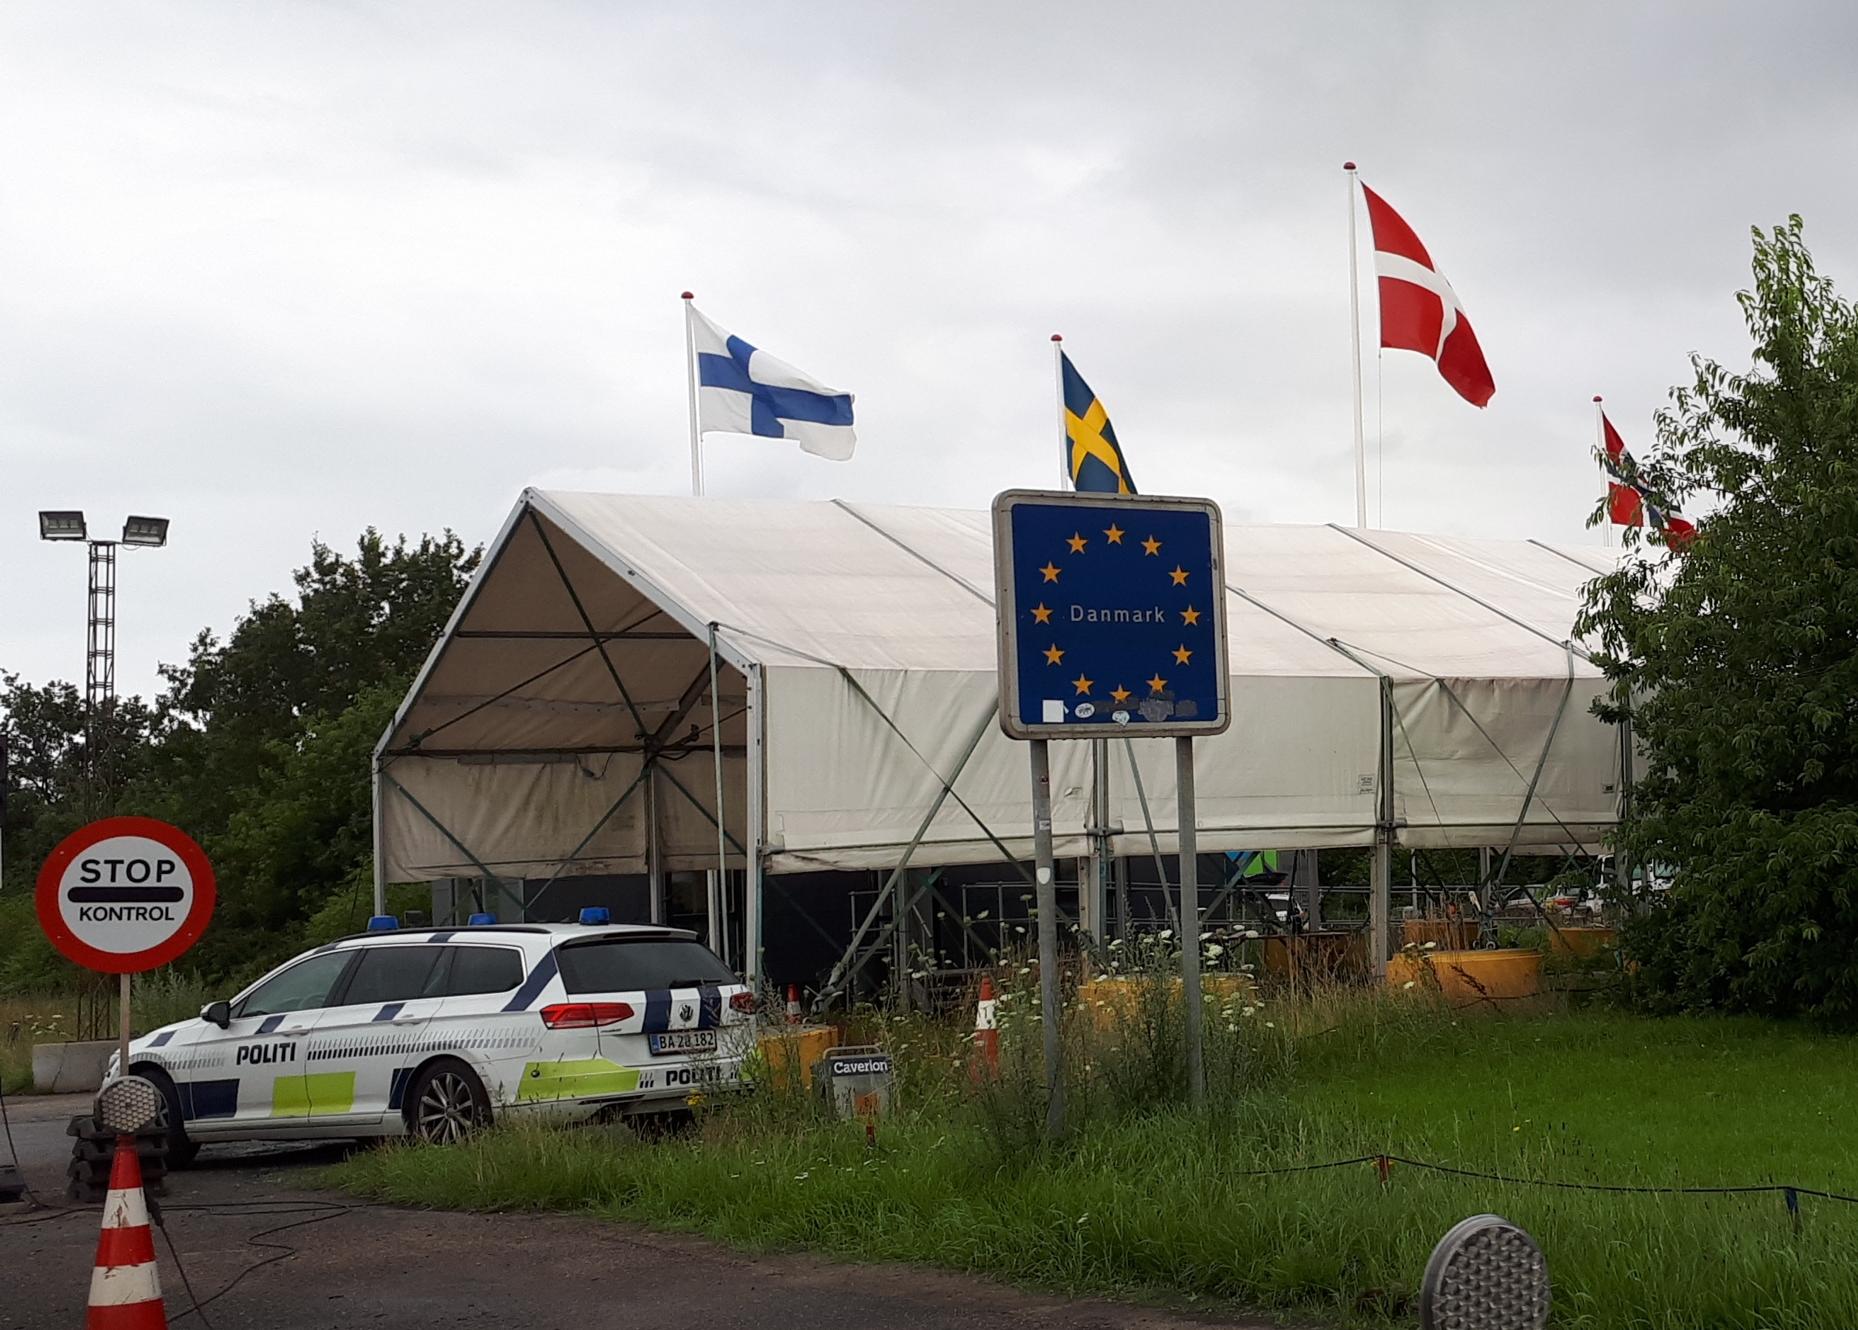 EU-landene har hver deres rejsevejledninger. For at få større enkelthed, foreslår EU-Kommissionen nu fælles rejsevejledninger. Her er det fra grænsen mellem Tyskland og Danmark. Foto: Henrik Baumgarten.